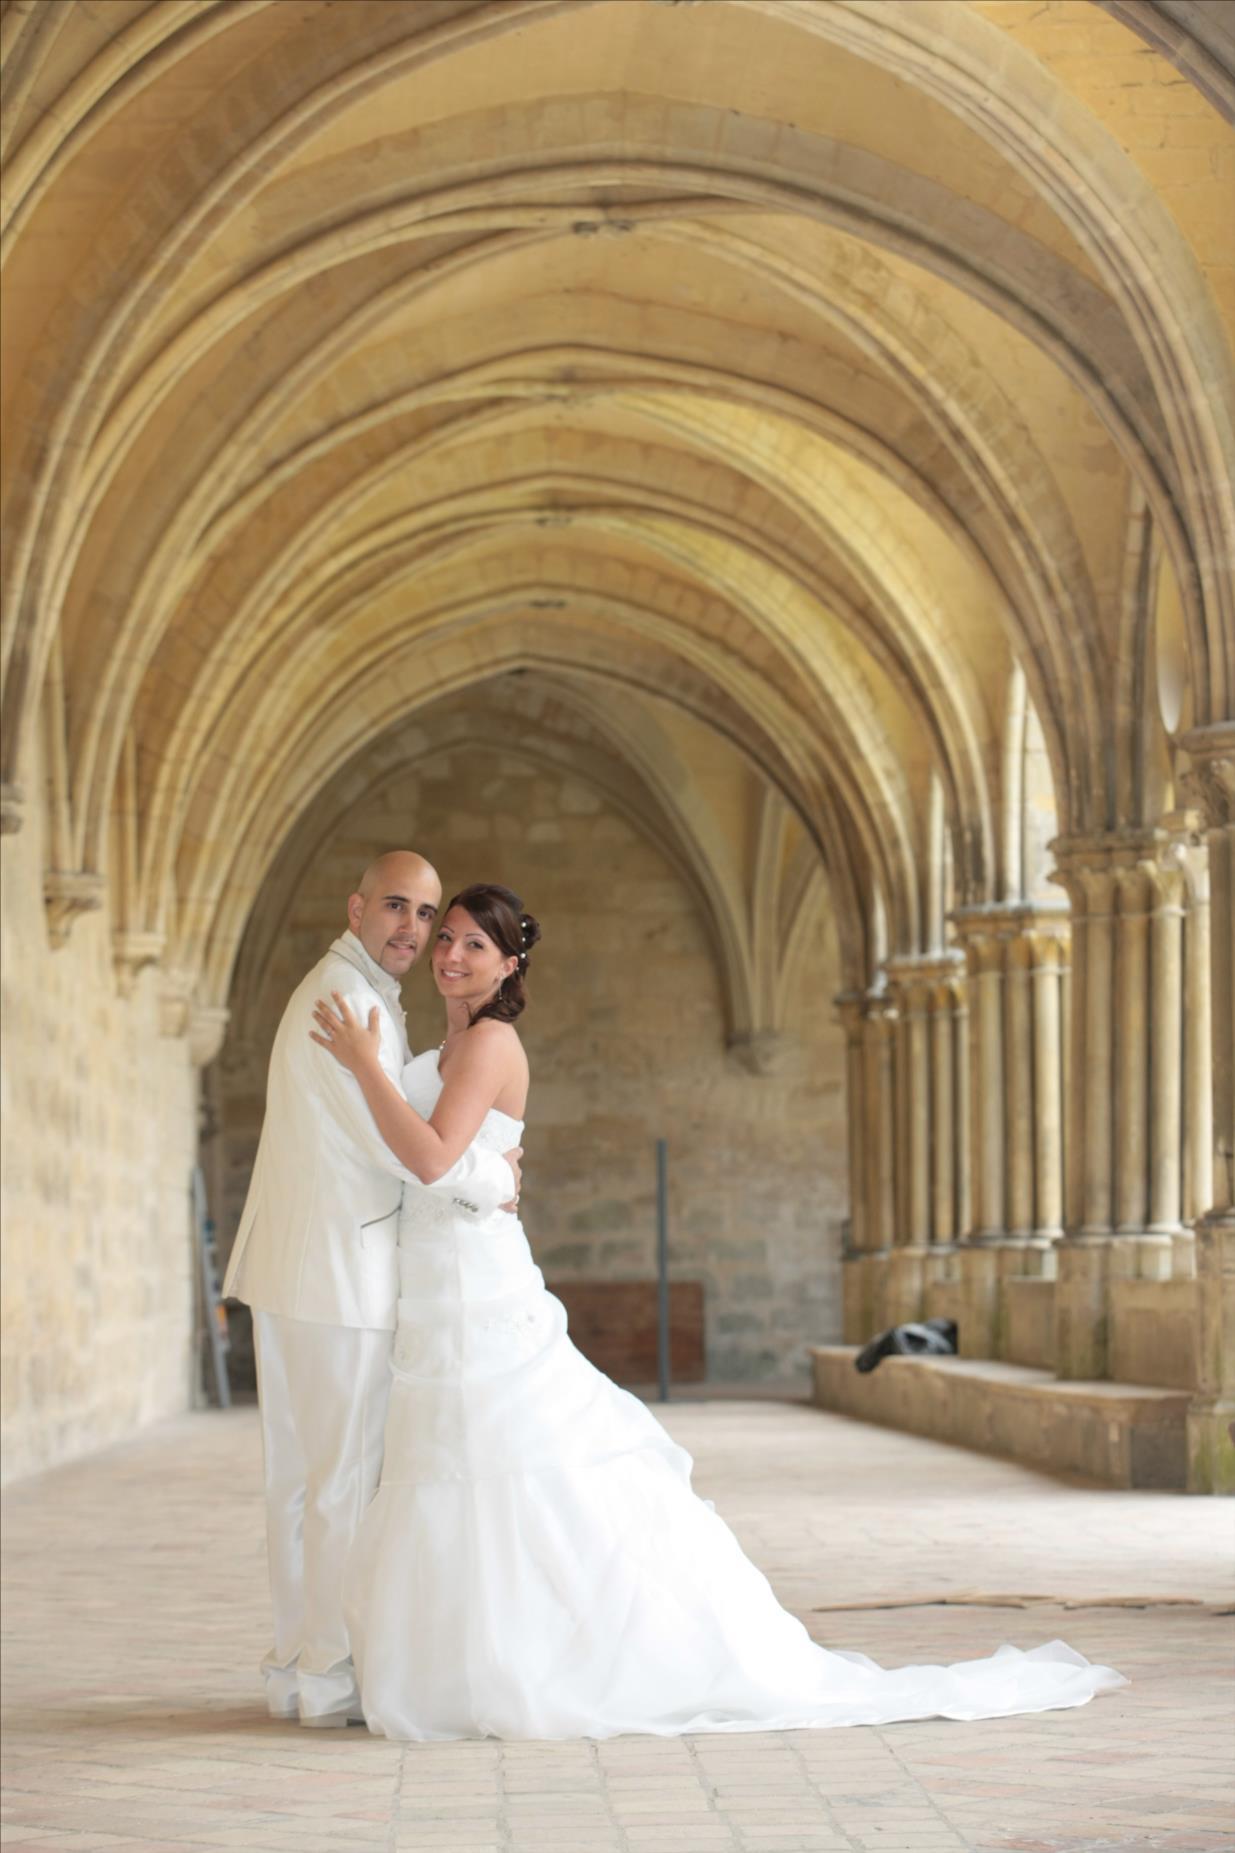 thierry photographe mariage et vnement - Photographe Mariage Haute Garonne